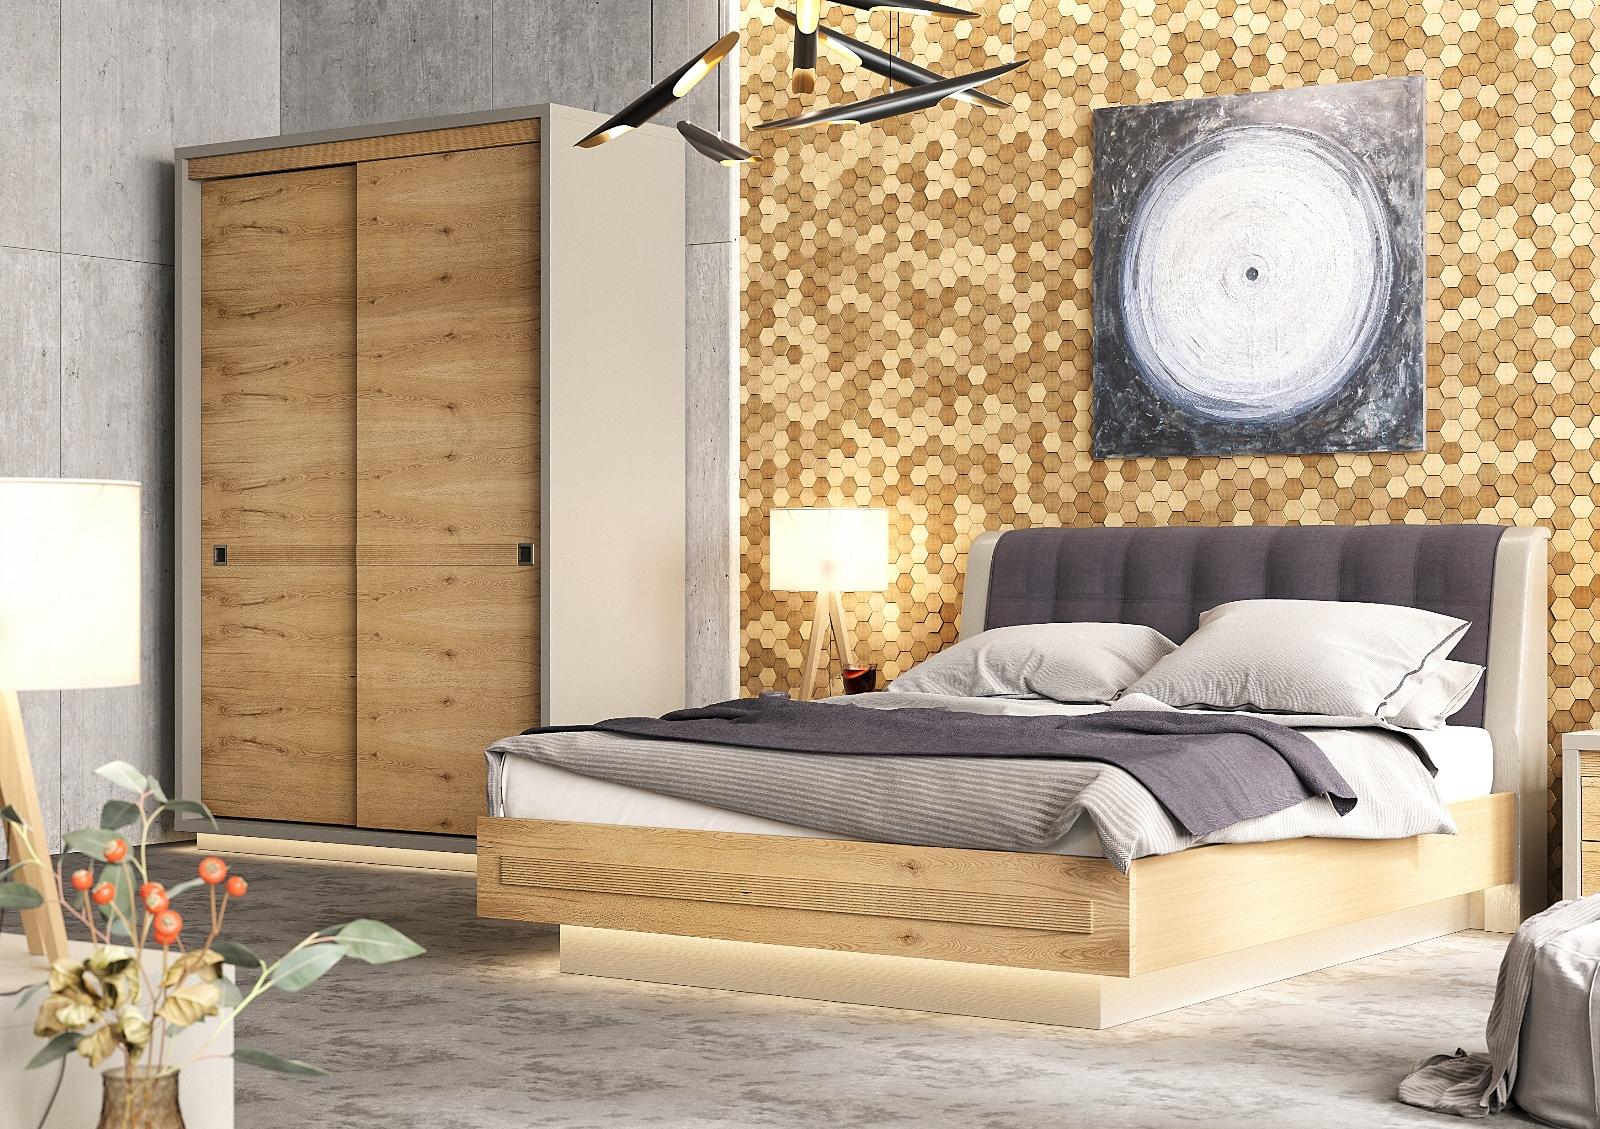 Bedroom_02-2